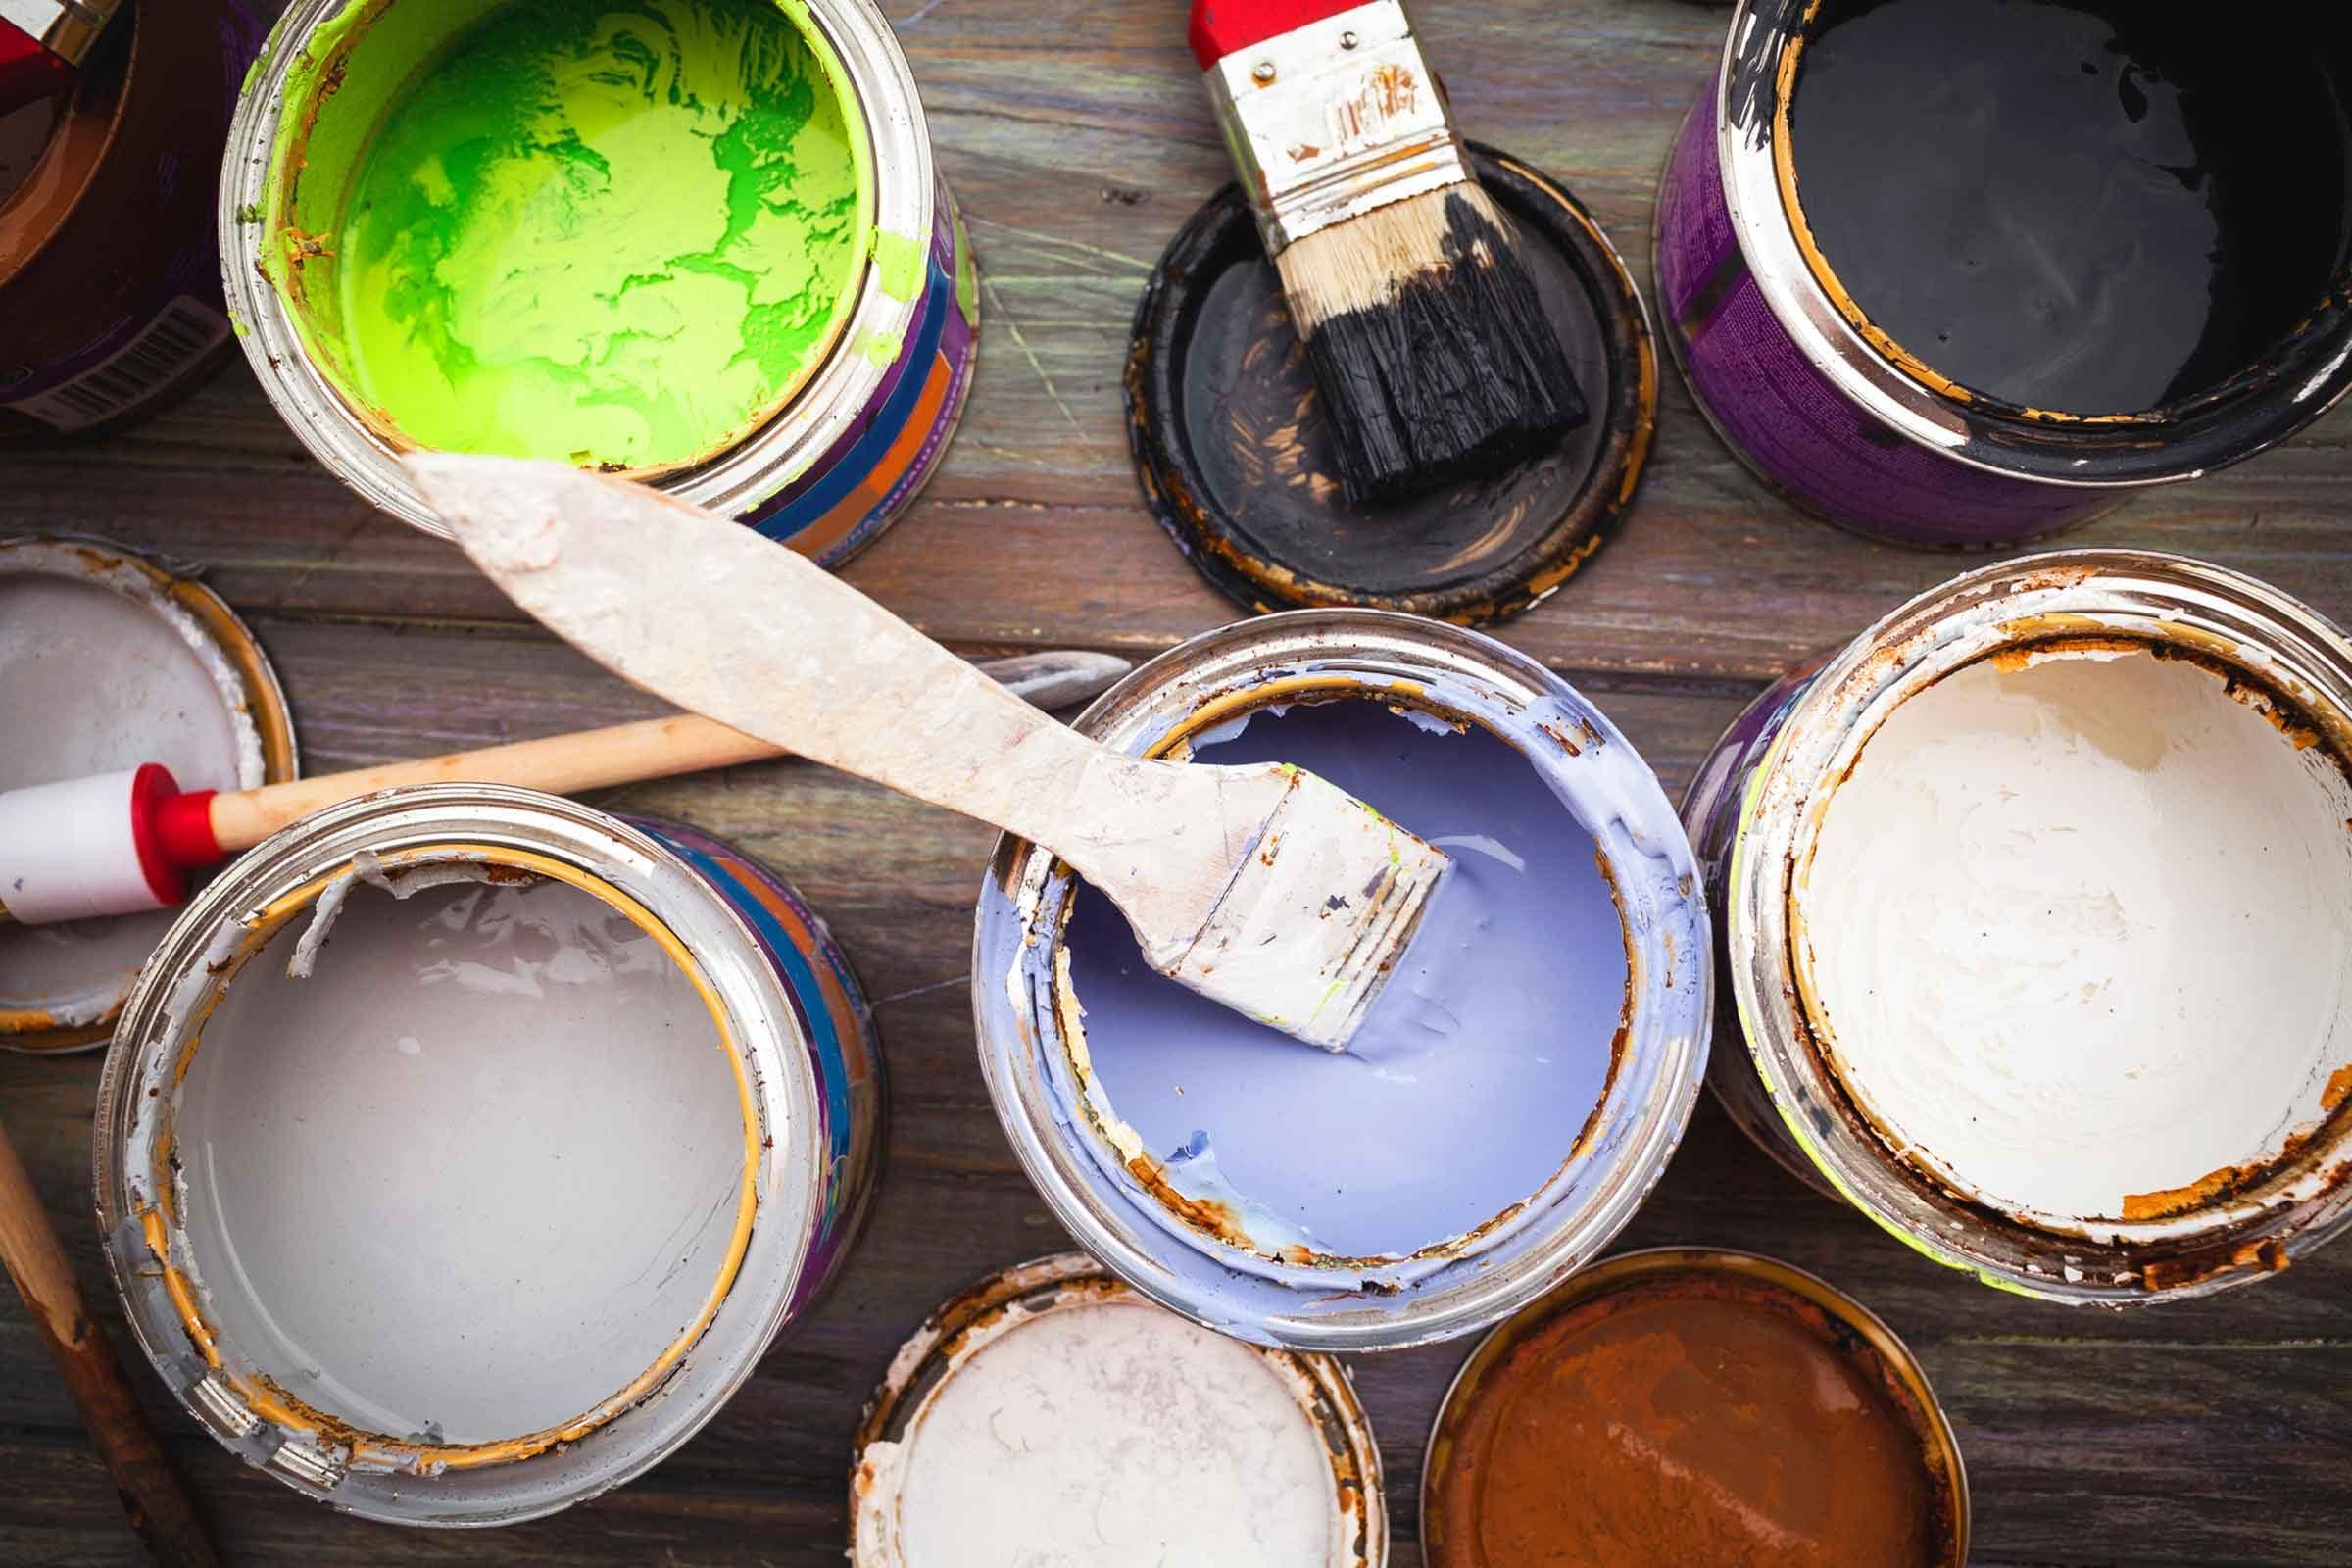 Rangement: Boîtes de peinture presque pleines à placer tête en bas